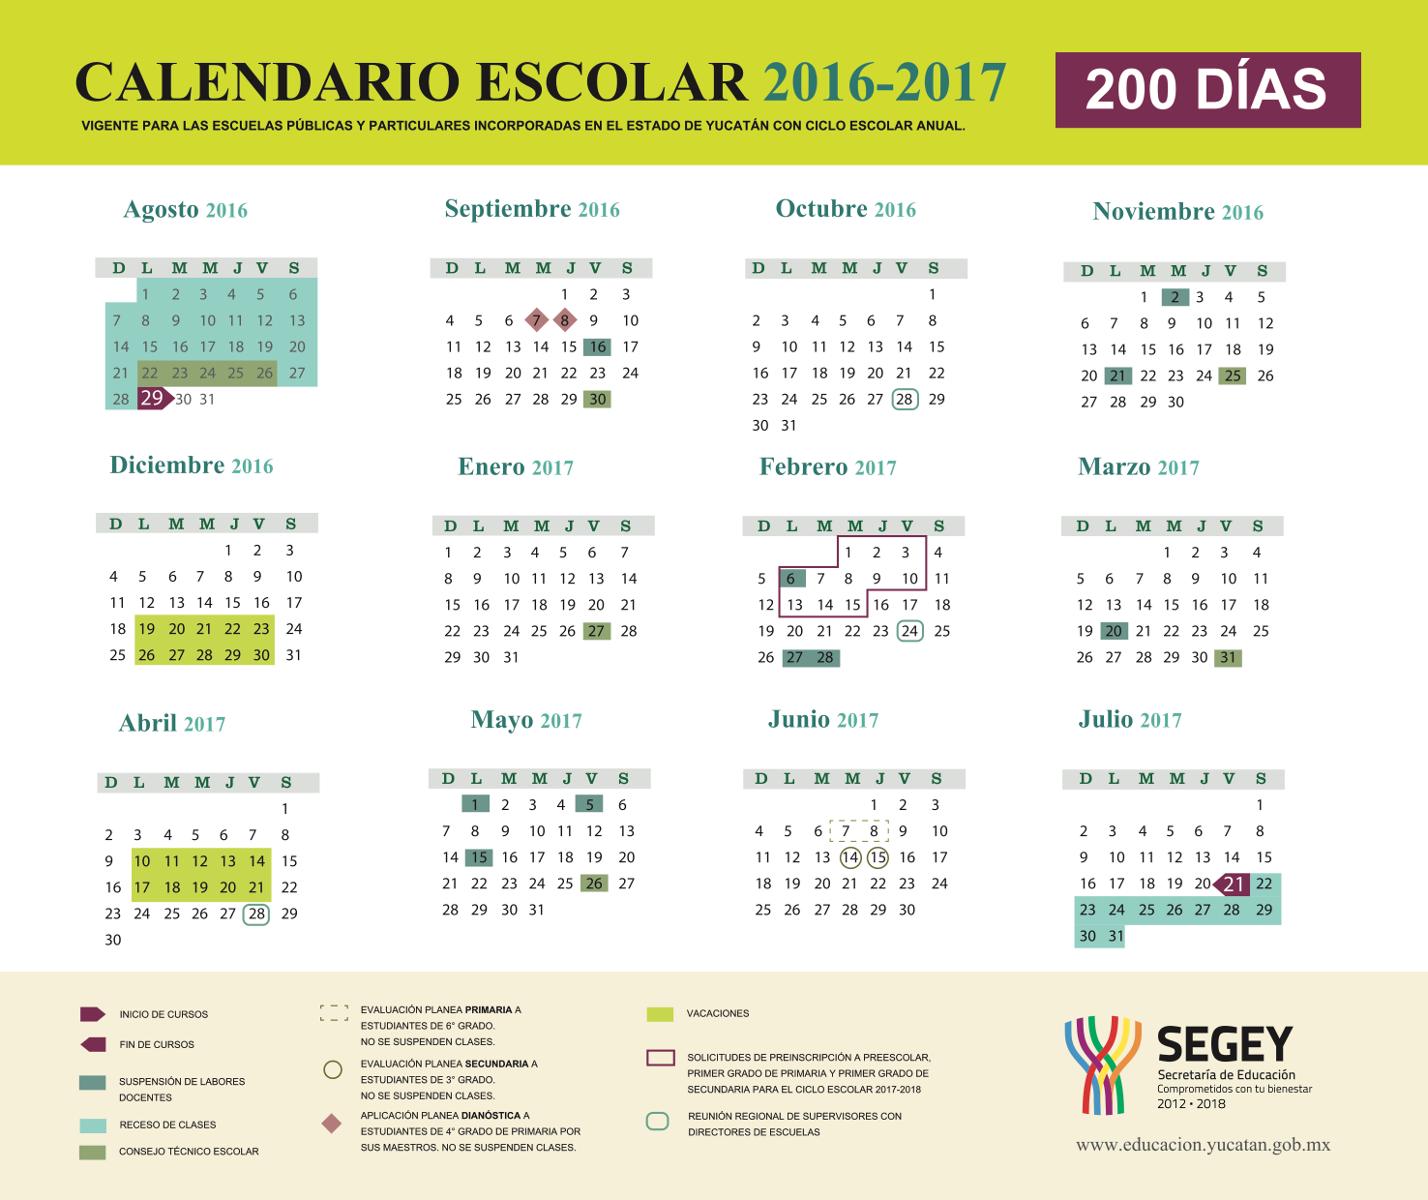 Calendario 2016 - 2017